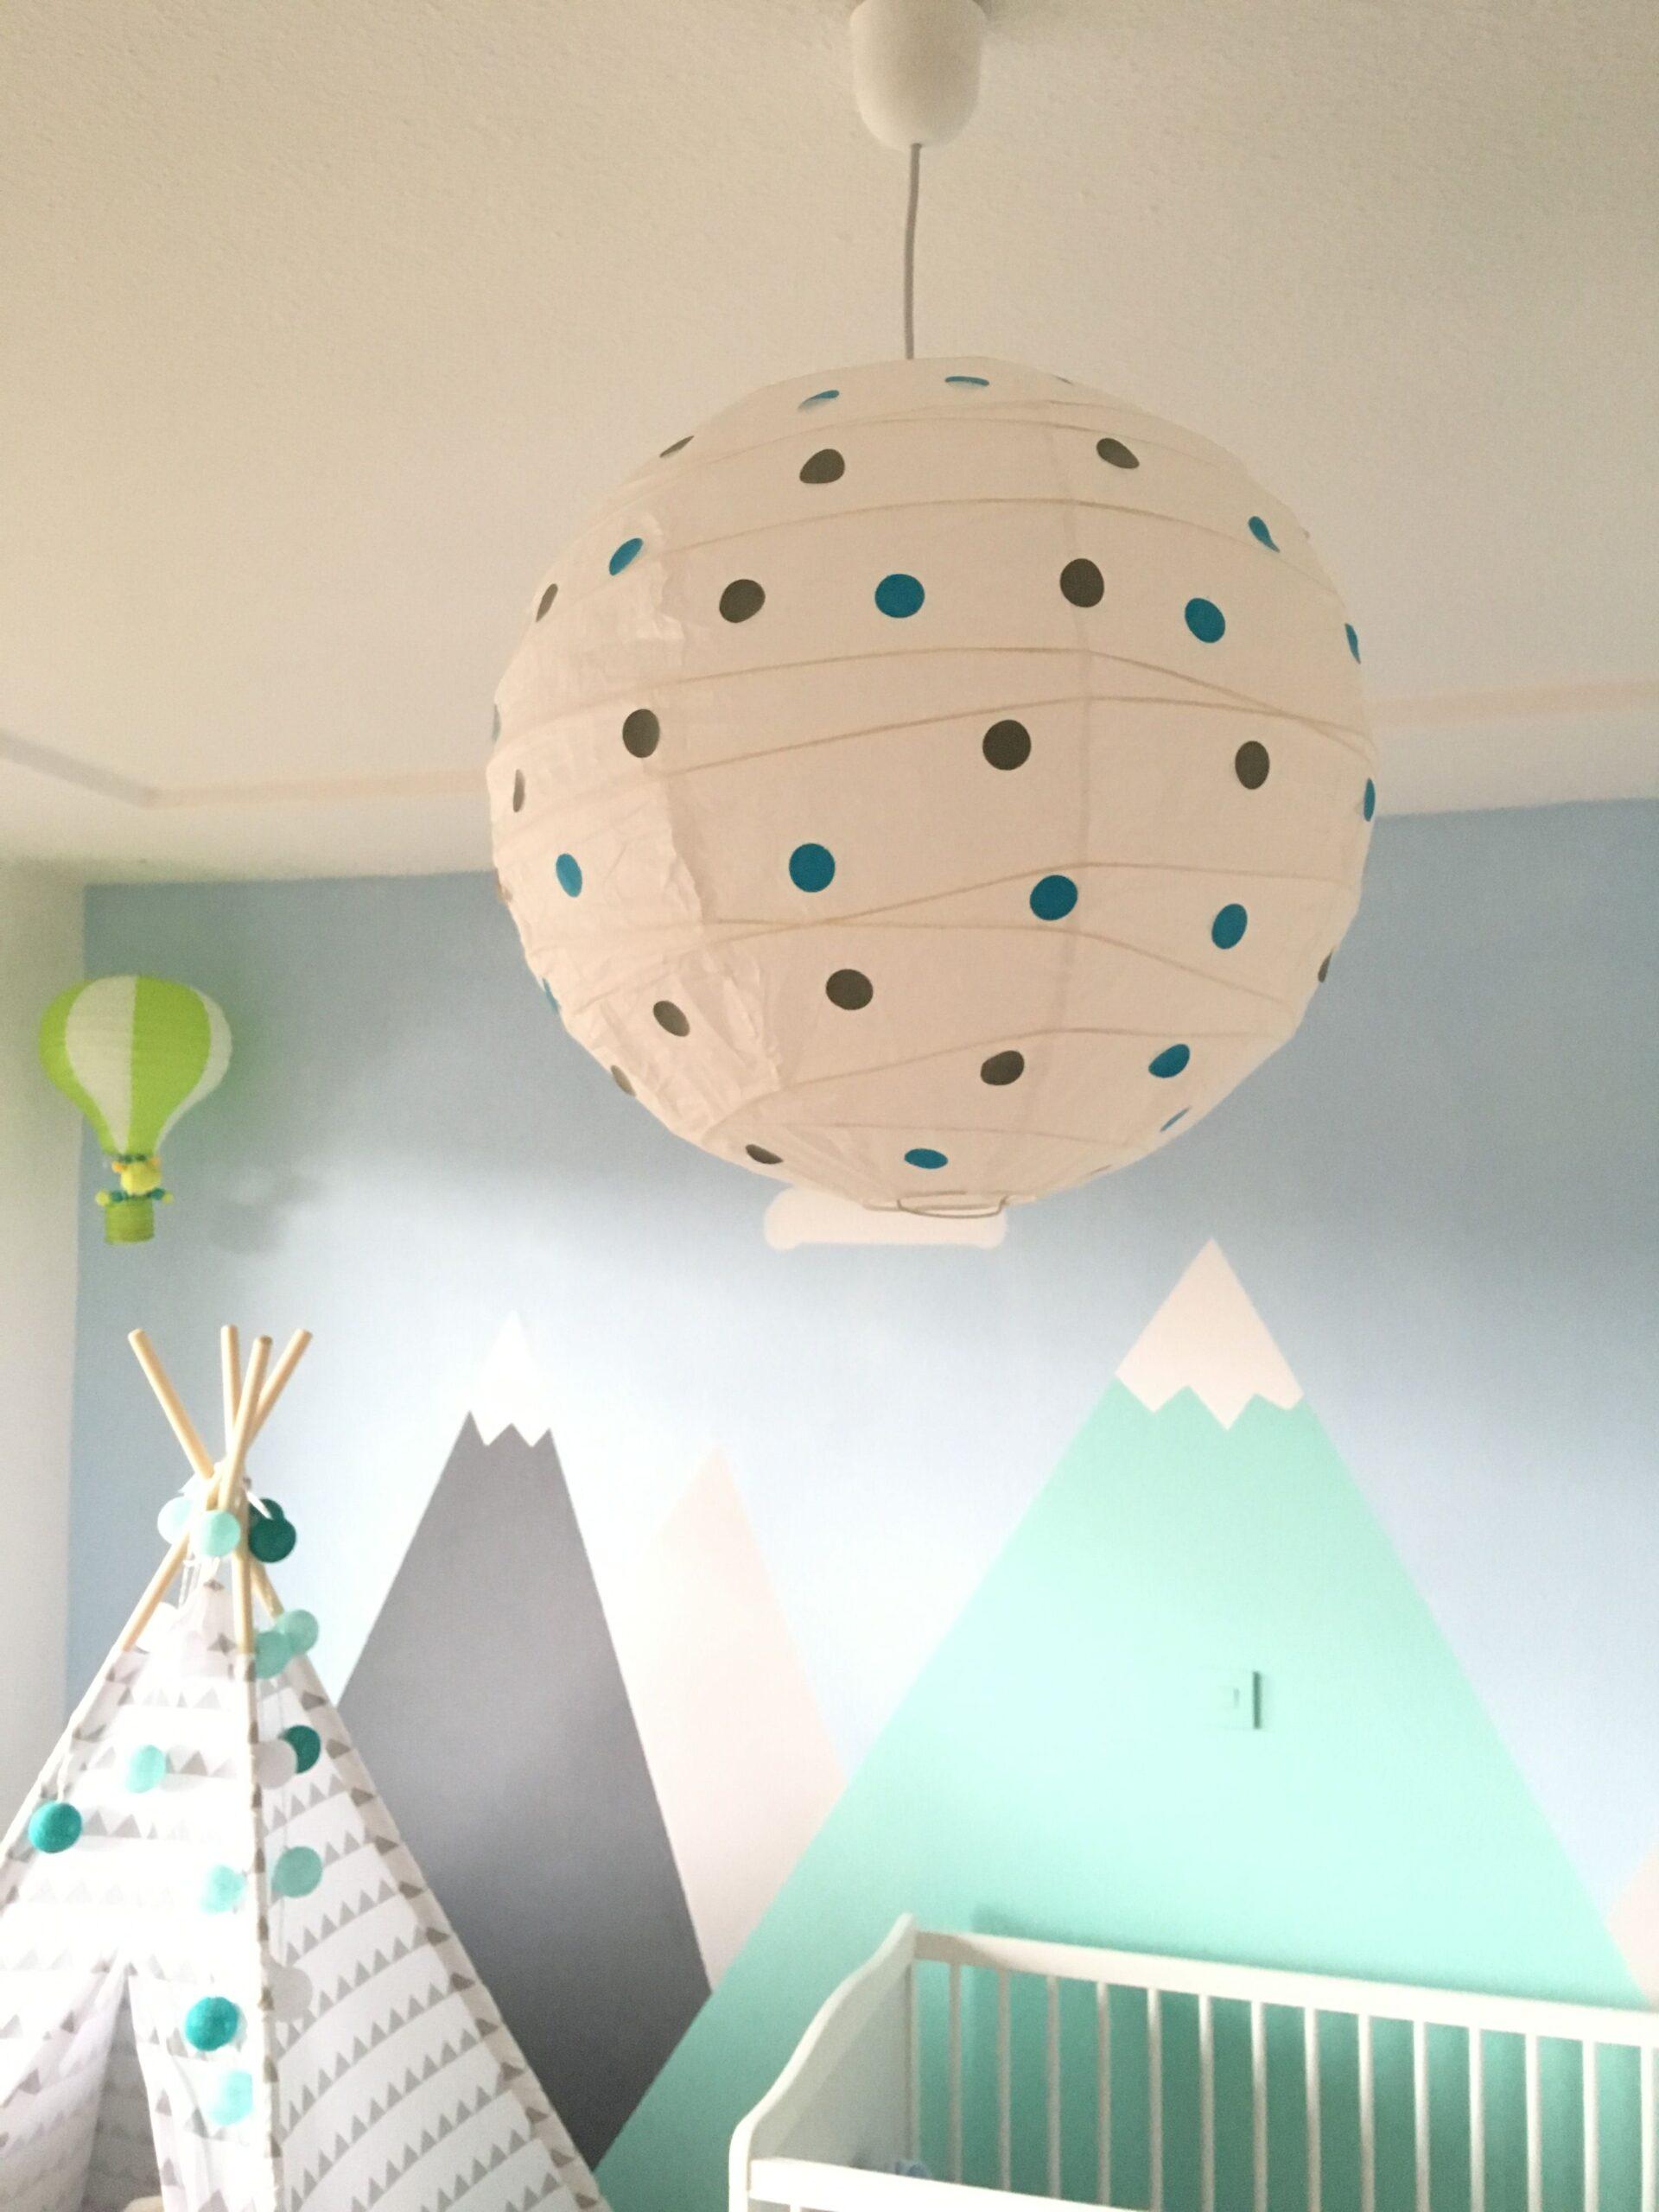 Full Size of Lampe Kinderzimmer Idee Kinderzimmerlampe Deckenlampe Punkte Deckenlampen Wohnzimmer Modern Regal Sofa Esstisch Für Küche Weiß Bad Regale Kinderzimmer Deckenlampe Kinderzimmer